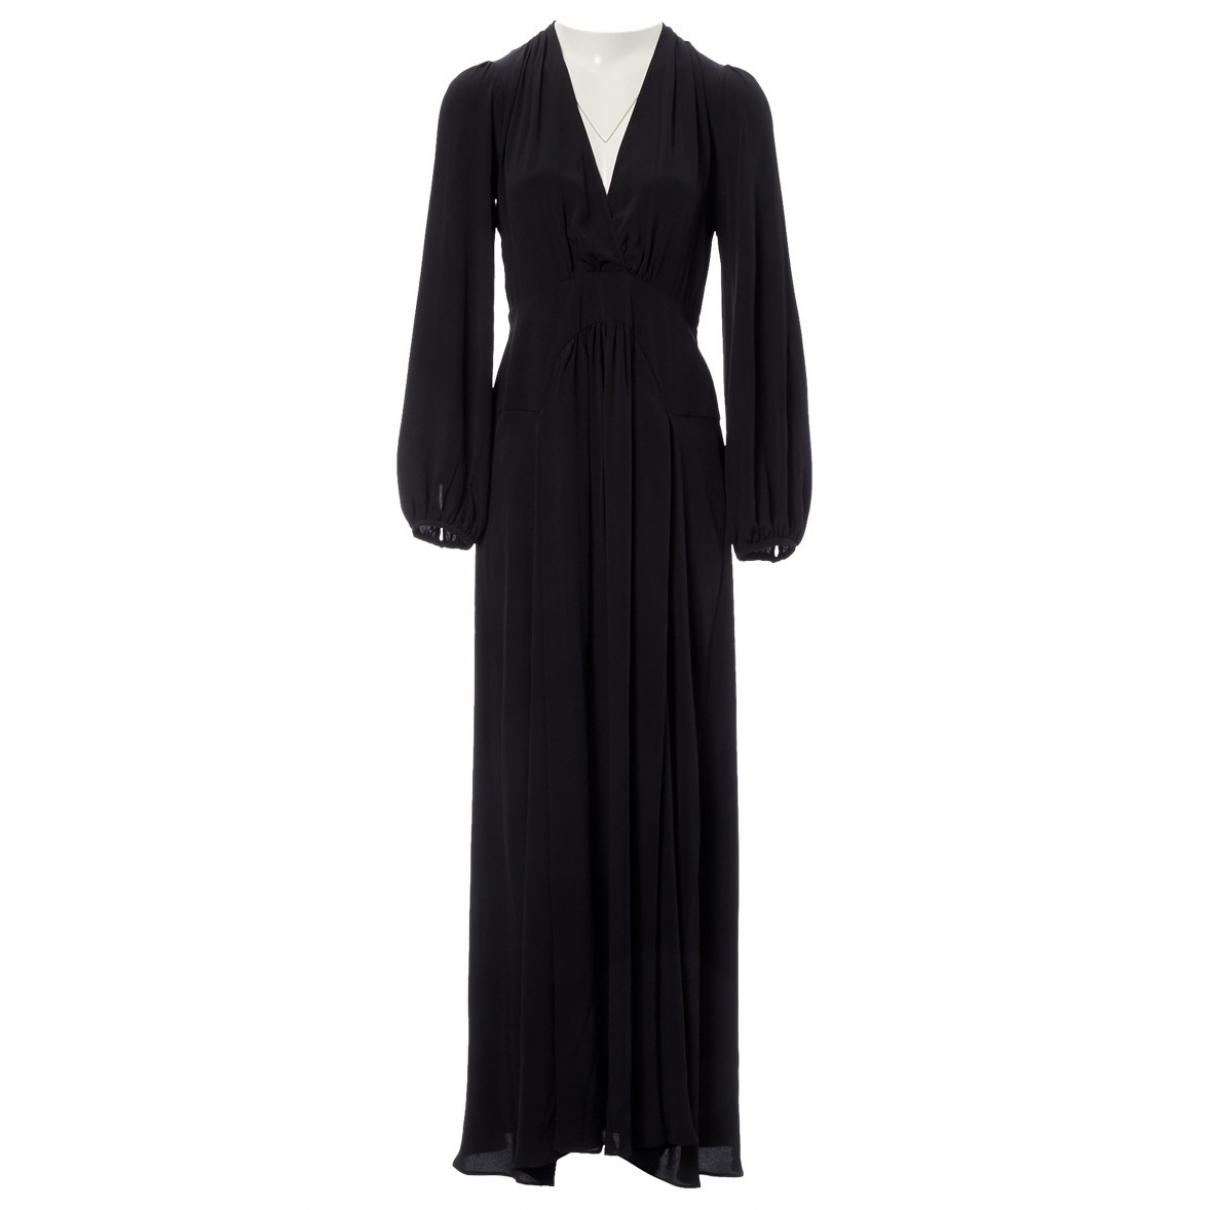 N°21 \N Black dress for Women 42 IT